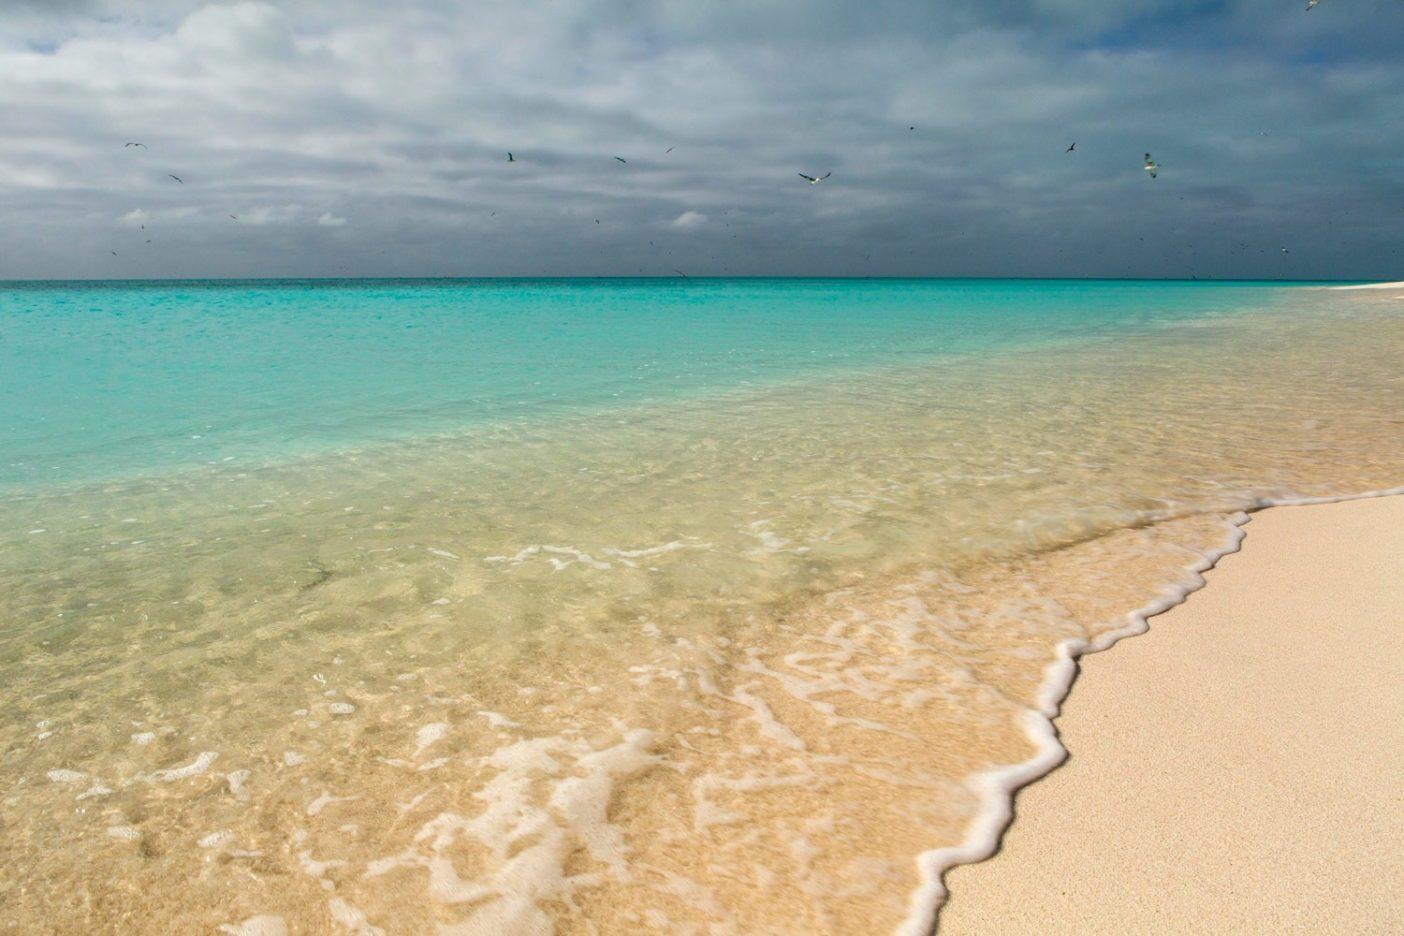 ハワイ諸島の北西部に位置するパパハナウモクアケア海洋国定記念物の保護された沿岸水は、すべての国立公園を合わせた地域を超える大きさだ。この地域は7千の海洋生物の生息地であり、その半分はハワイ諸島にのみ存在する。1,400万の海鳥が生息するこの地域はまたポリネシア文化の理解に重要な自然風景を提供する。Photo:  Ian Shive